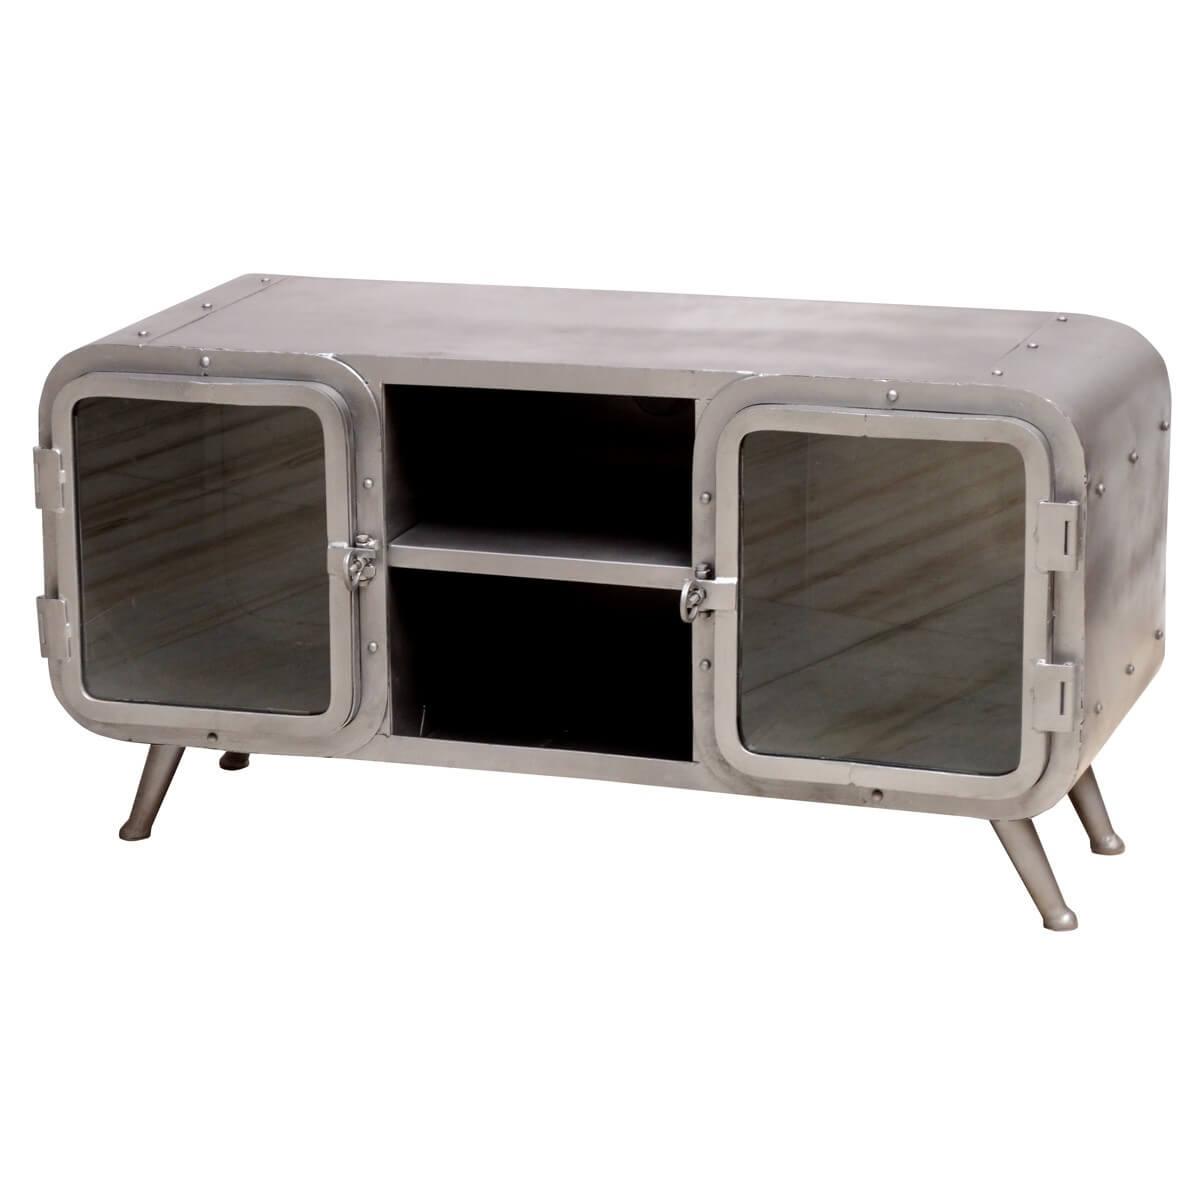 lowboard aus metall und glas m bel24. Black Bedroom Furniture Sets. Home Design Ideas